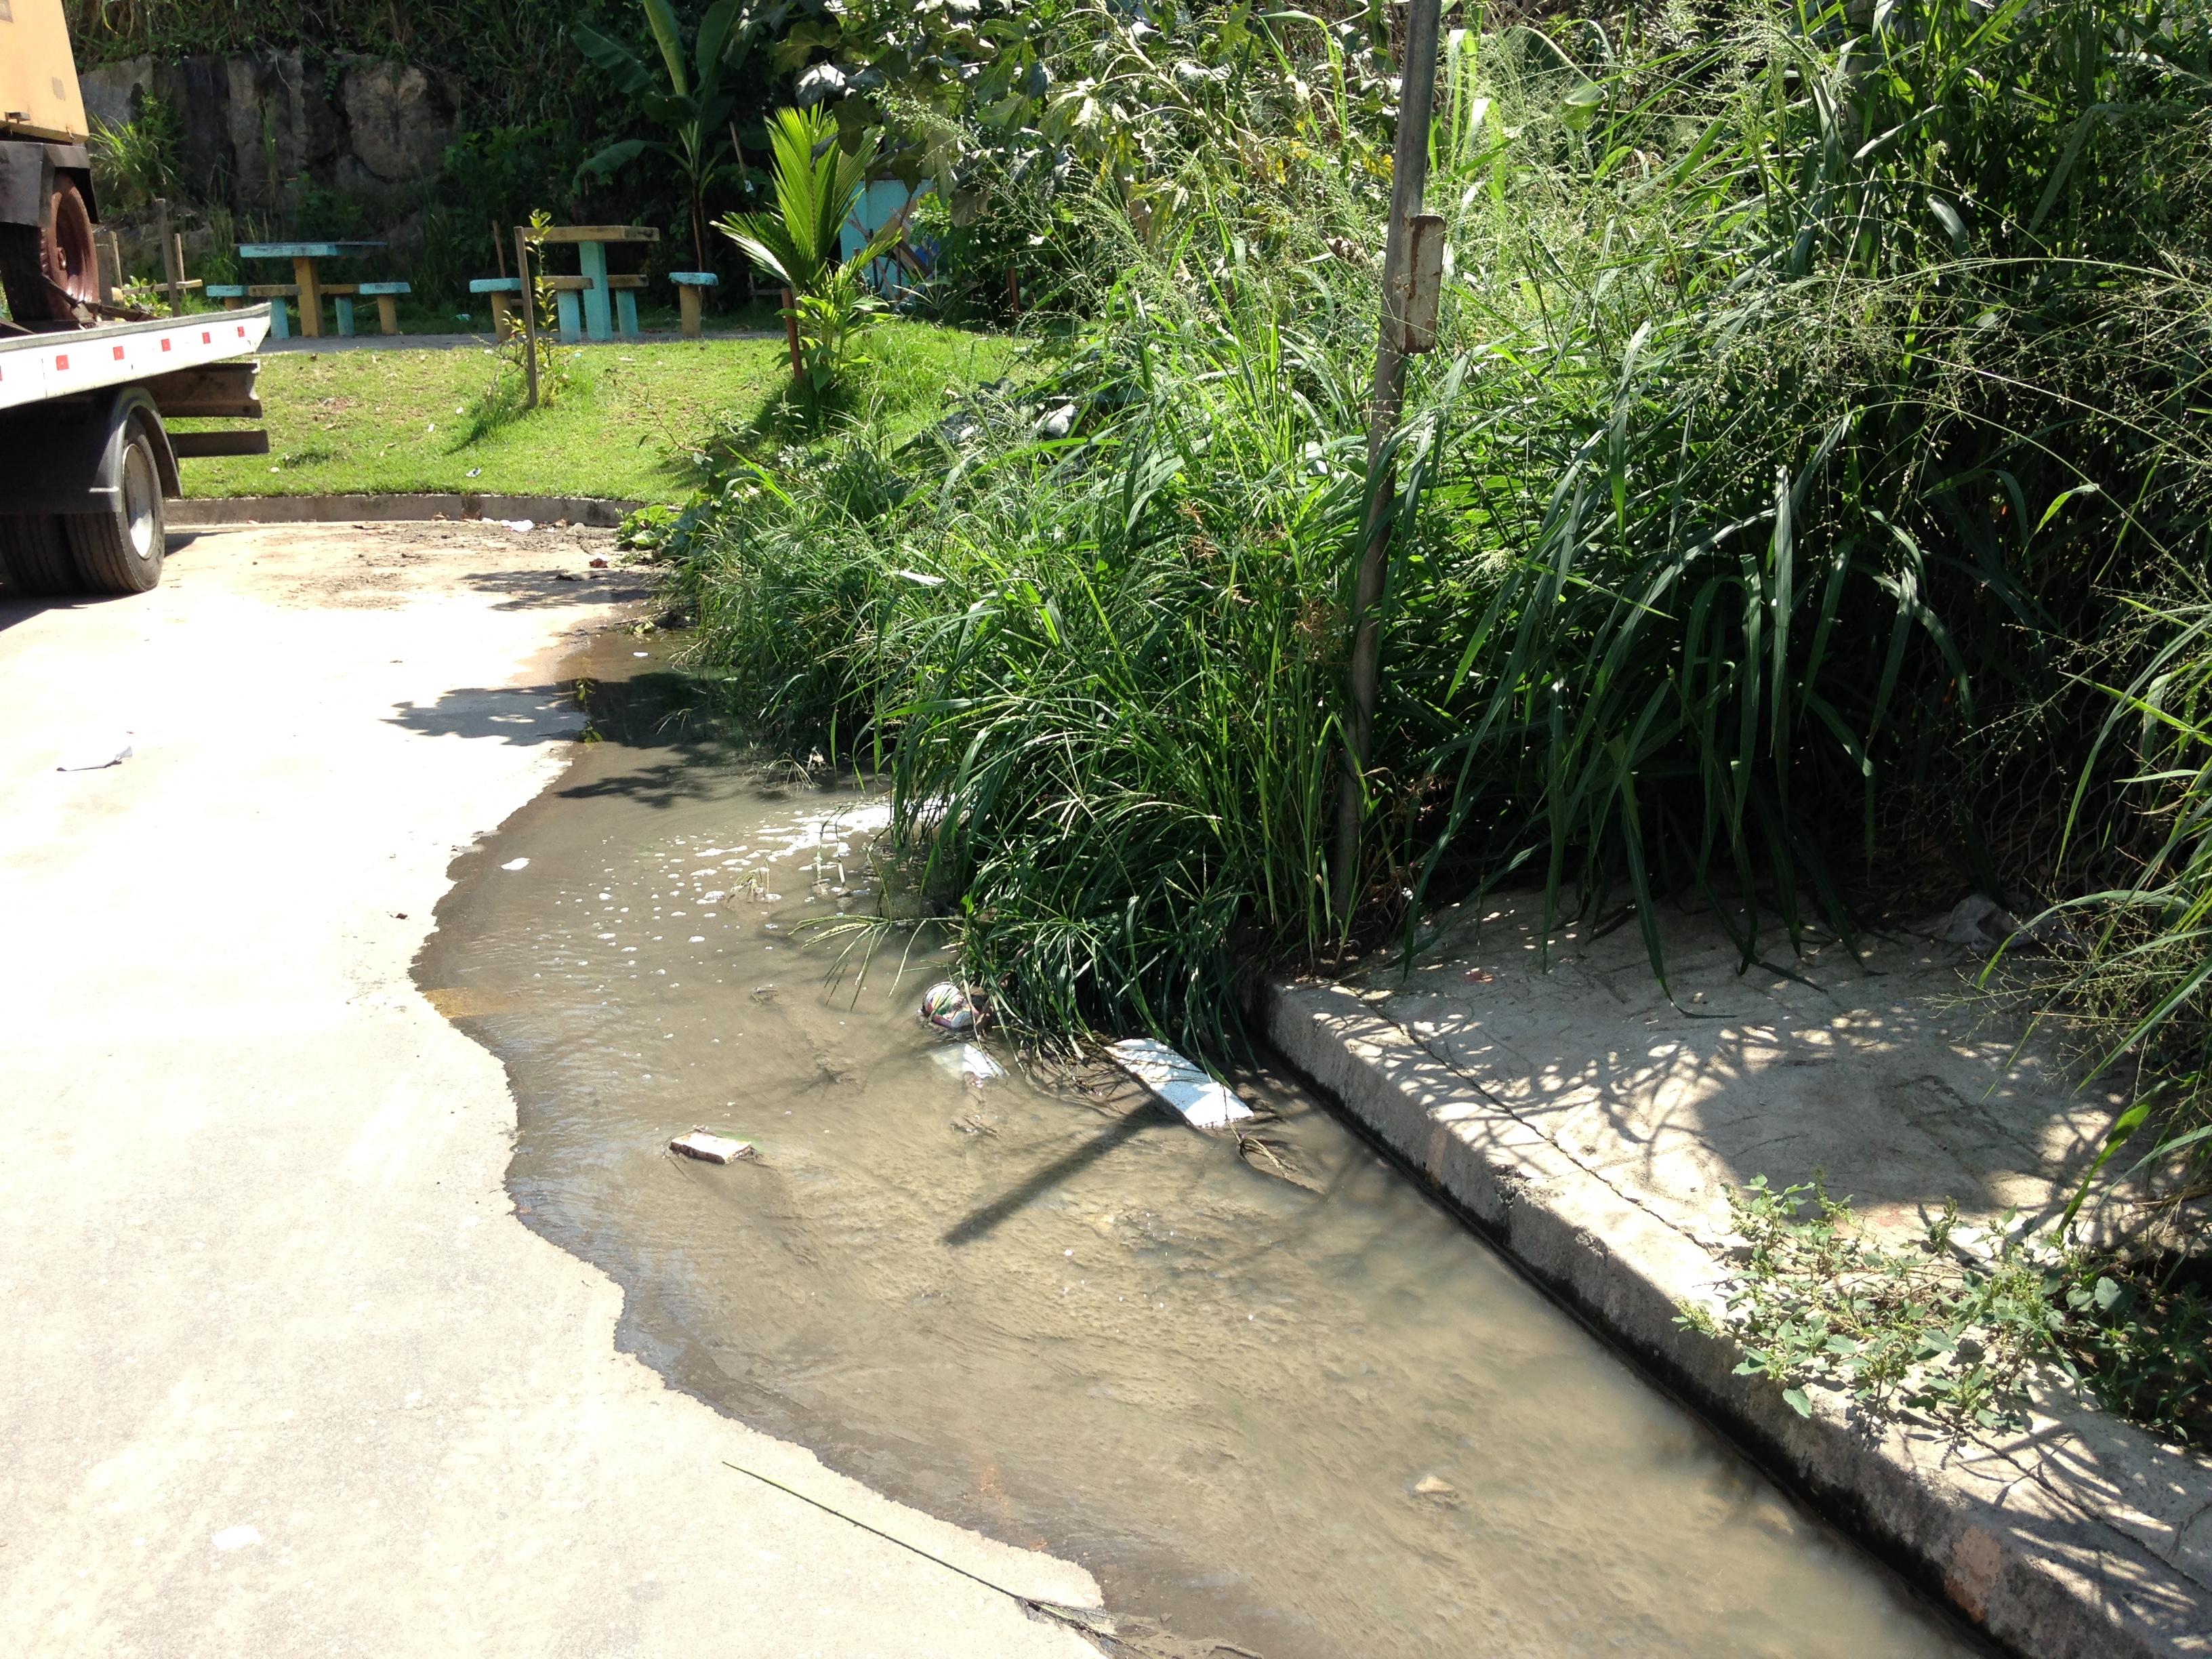 Tubulação de esgoto a céu aberto preocupa moradores do condomínio da Itararé